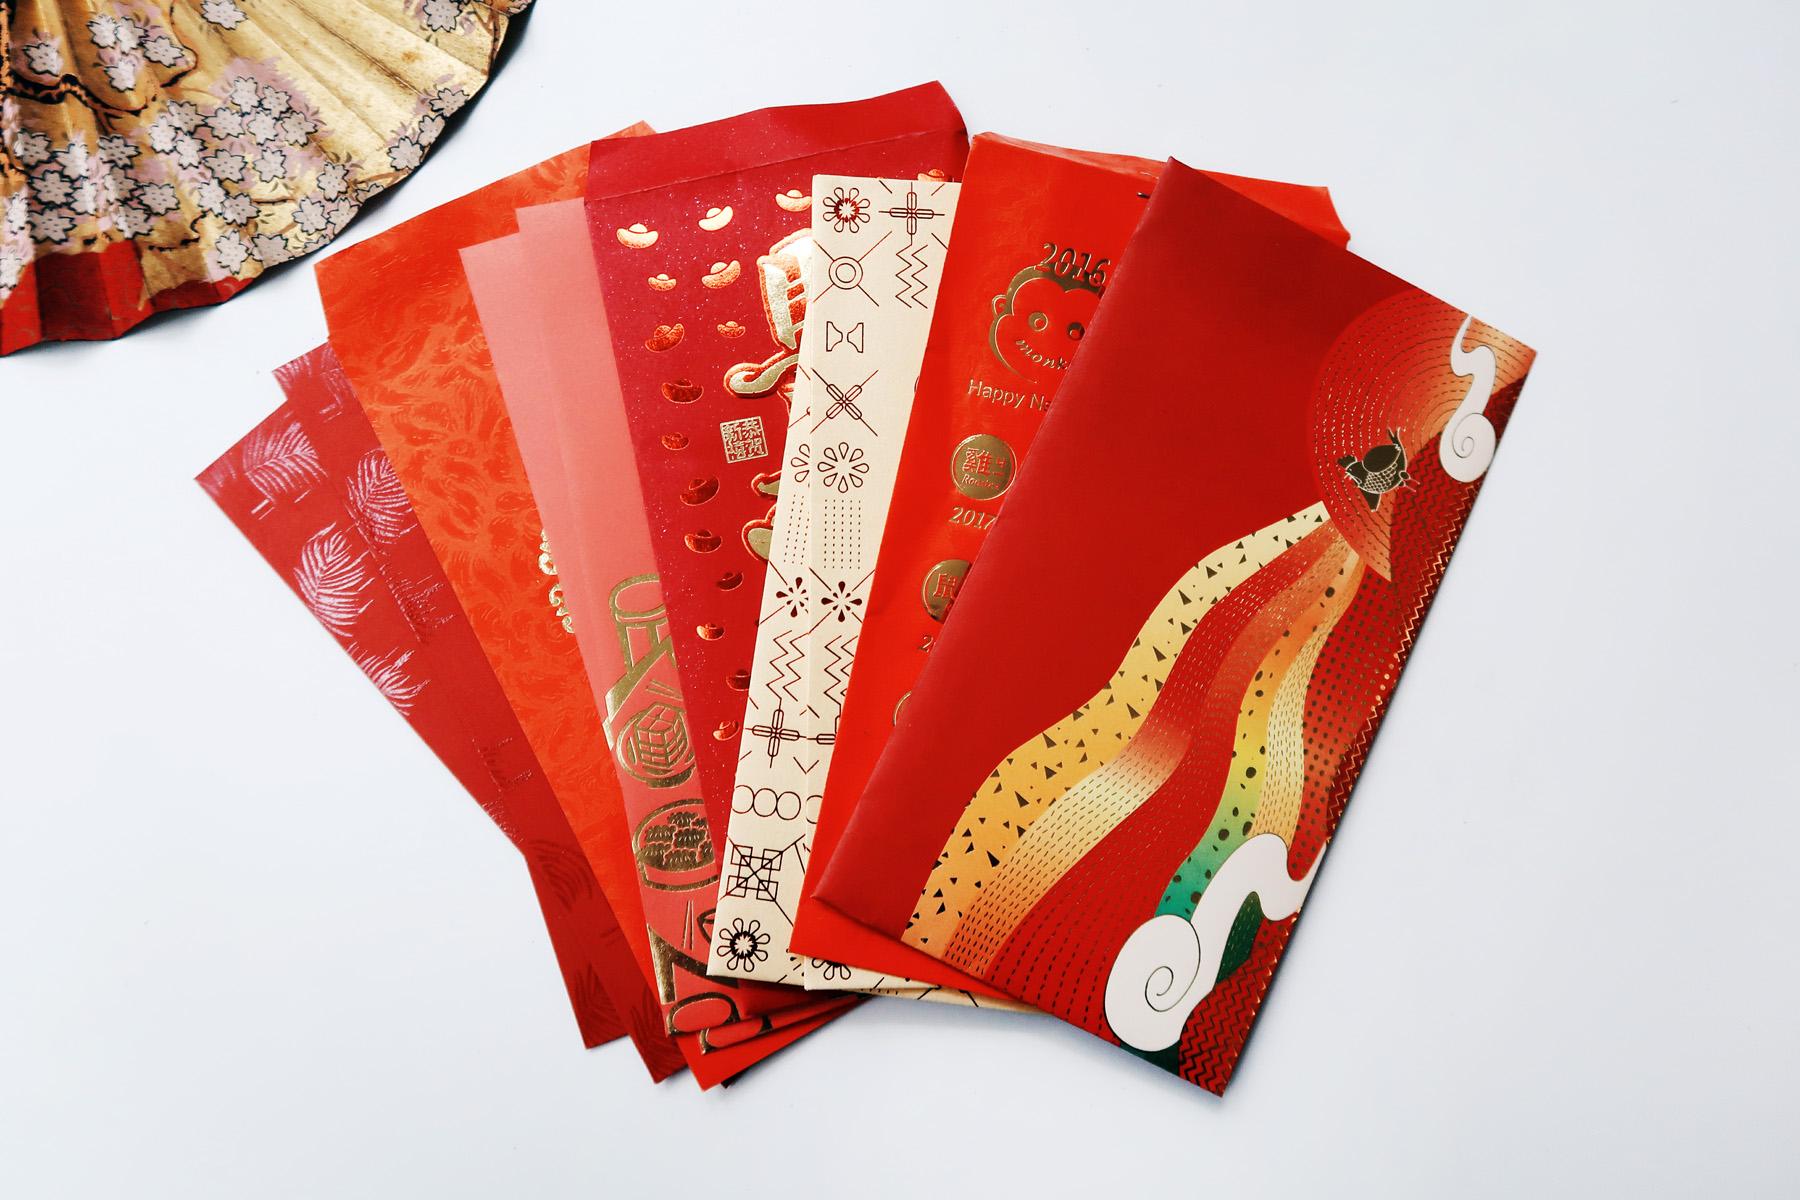 / 灰調 / DIY手作小教學:立體錦鯉紅包袋 - 準備過年紅包袋